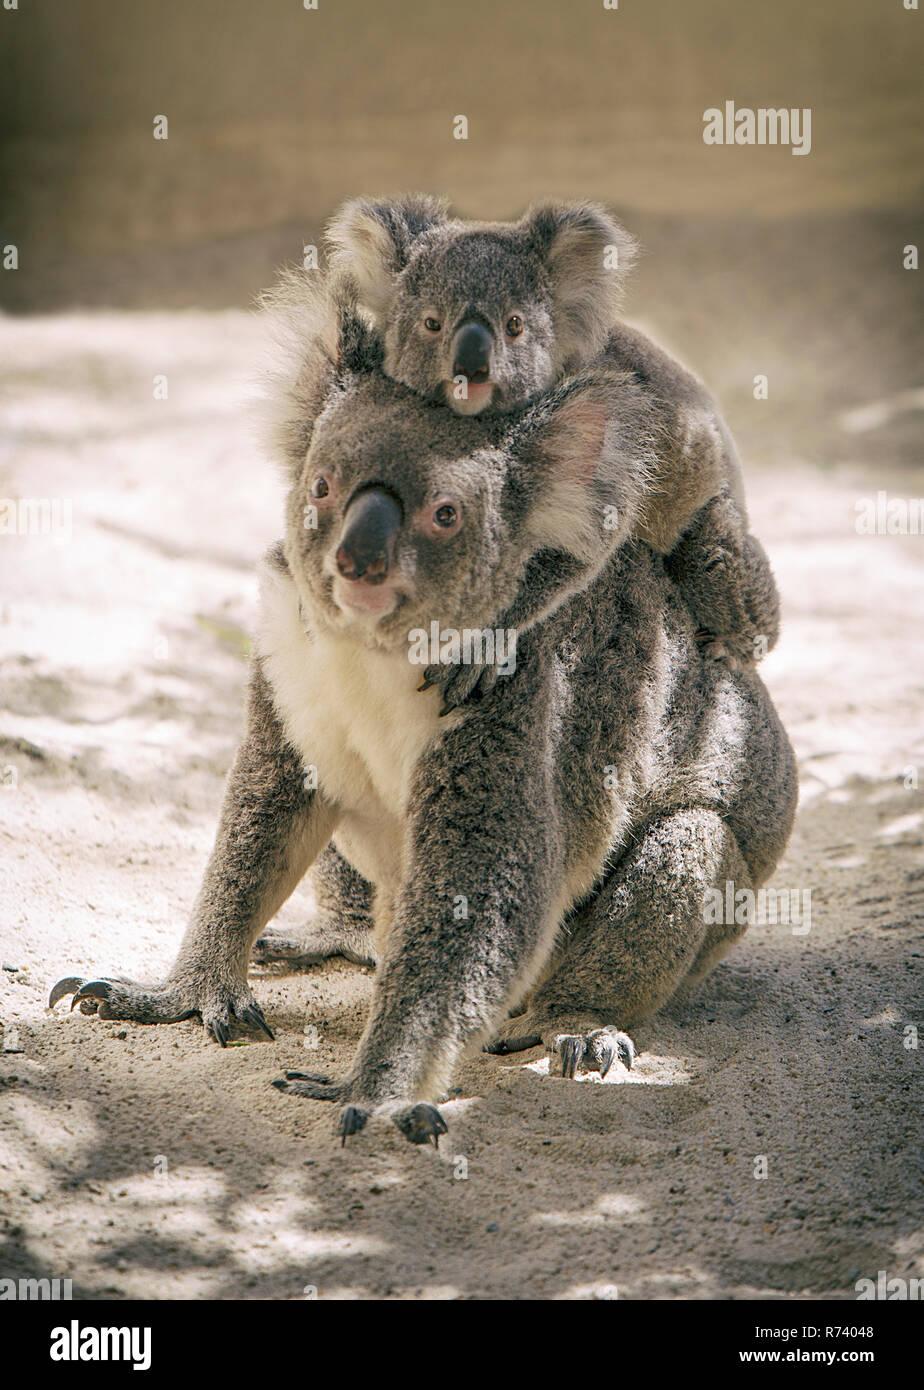 baby koala climbed on the back of mama koala - Stock Image